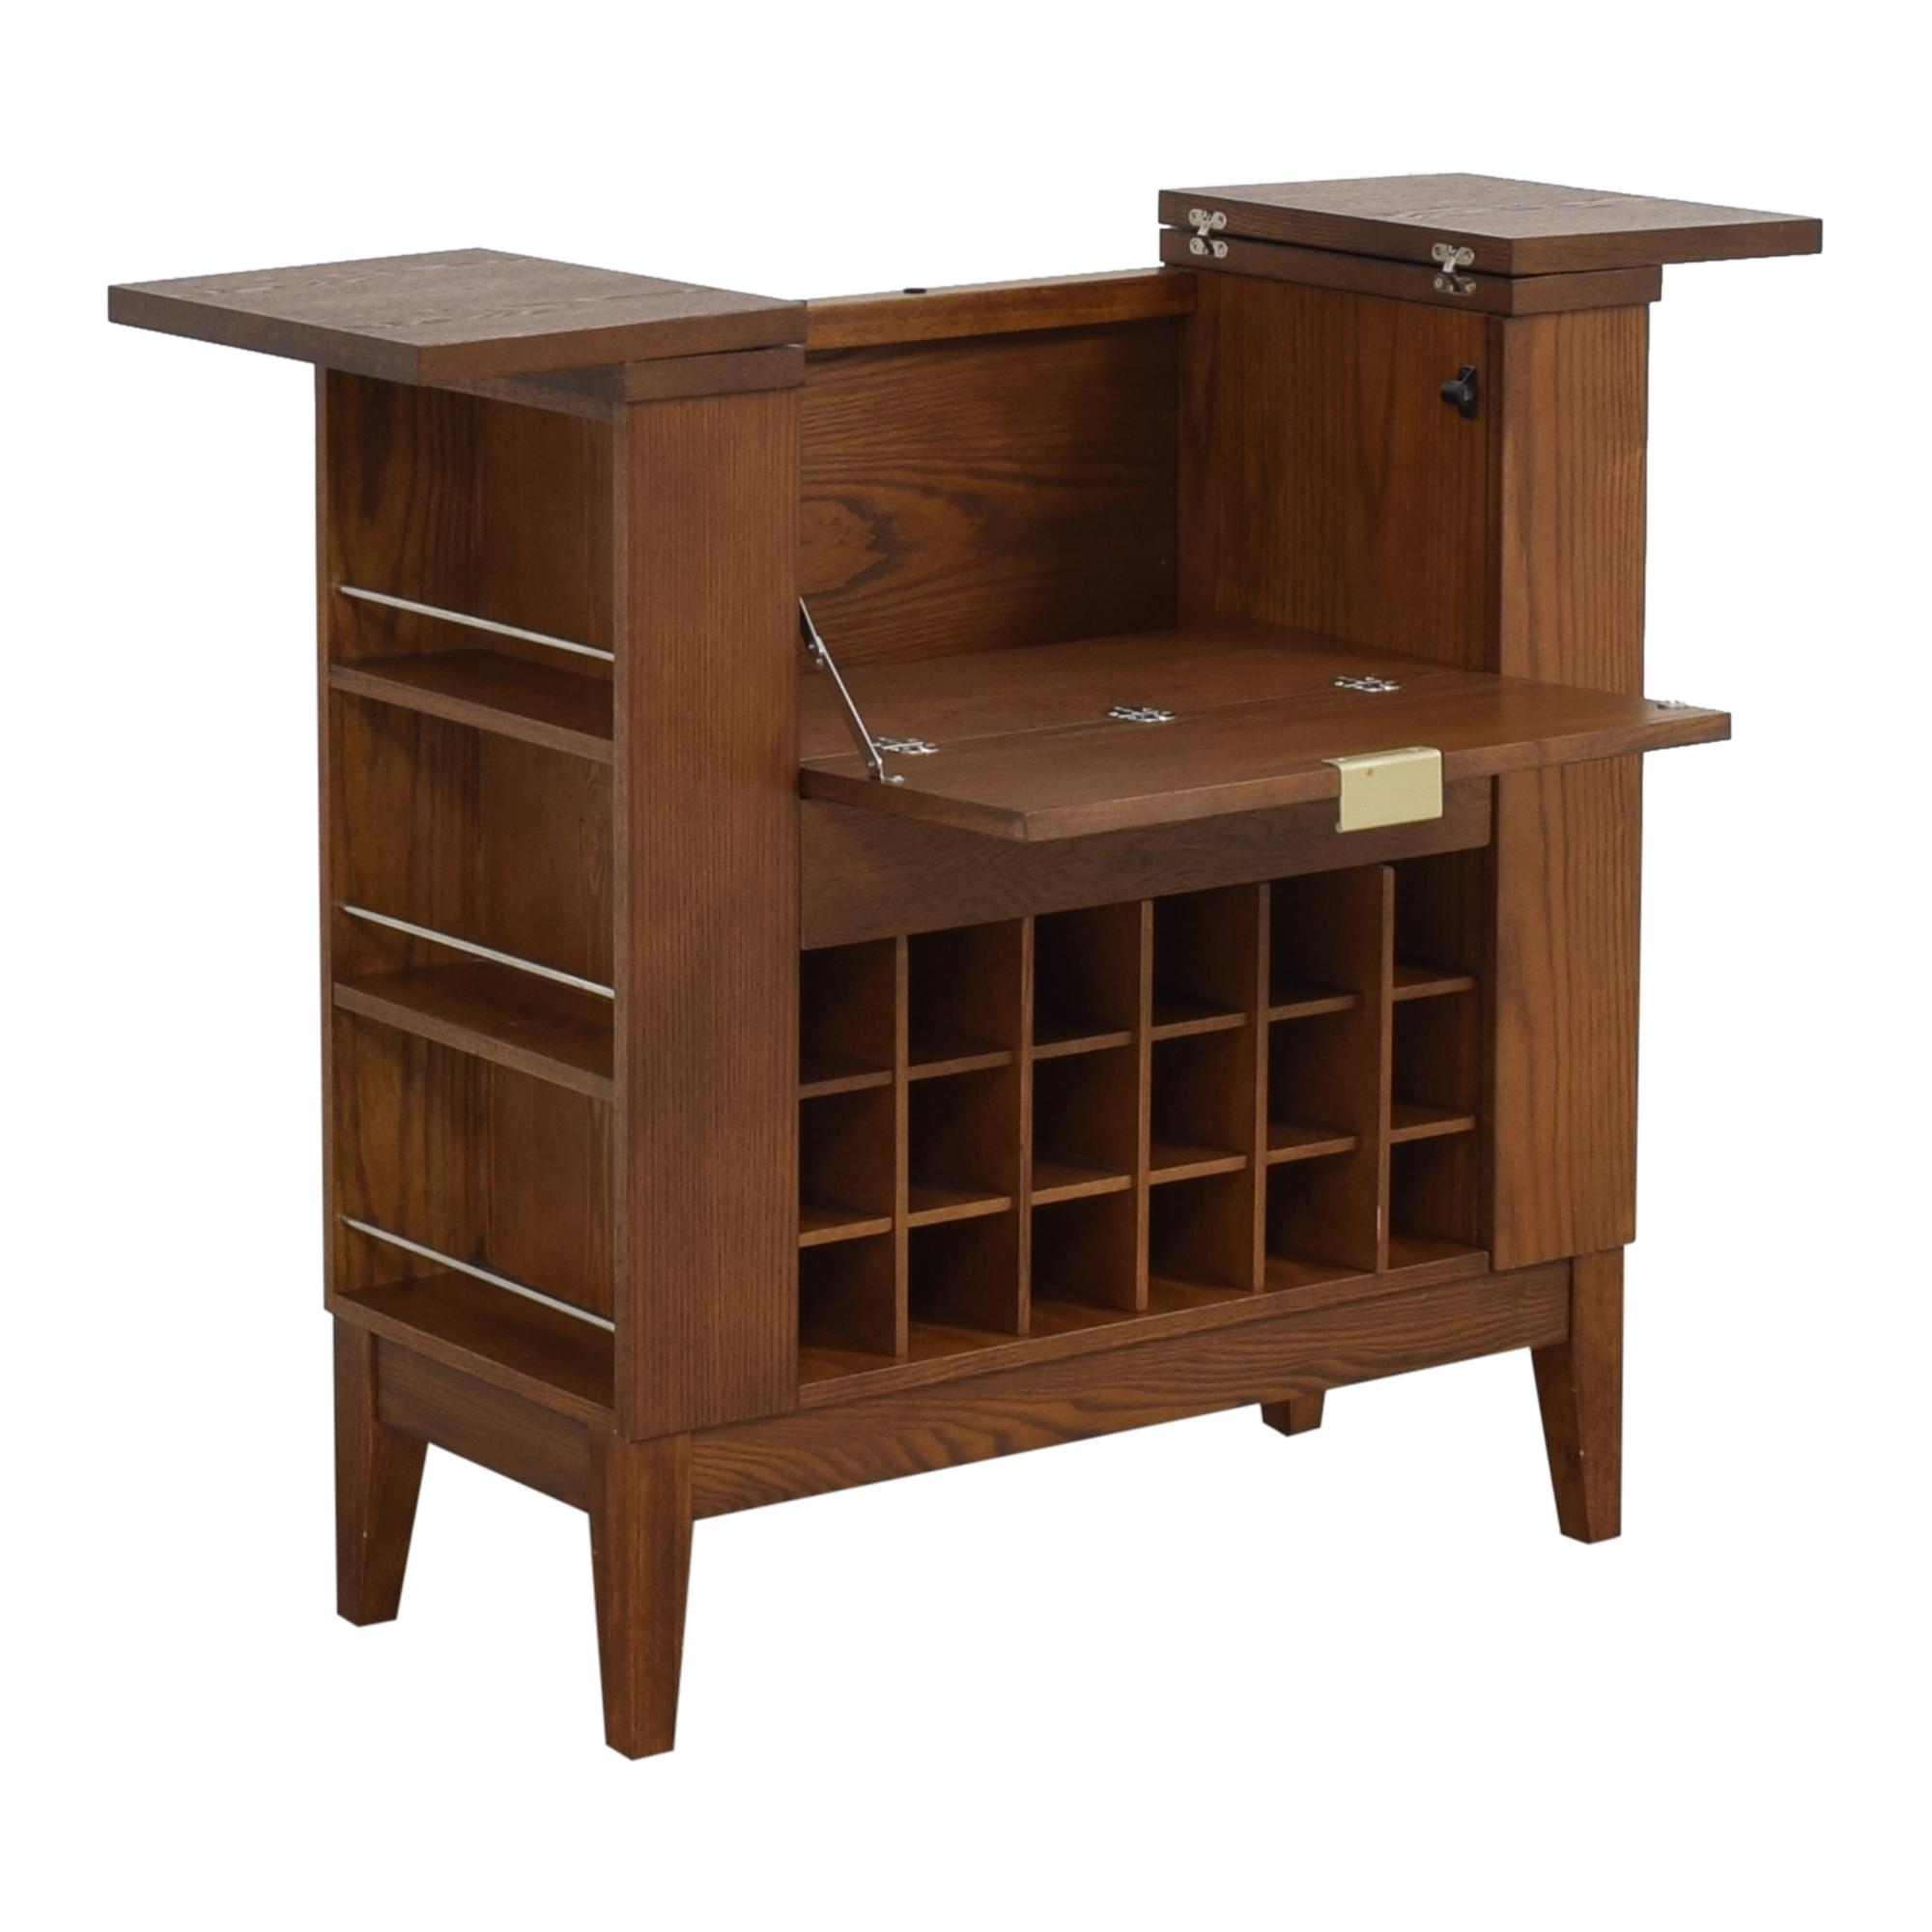 buy Crate & Barrel Parker Spirits Bourbon Cabinet Crate & Barrel Storage